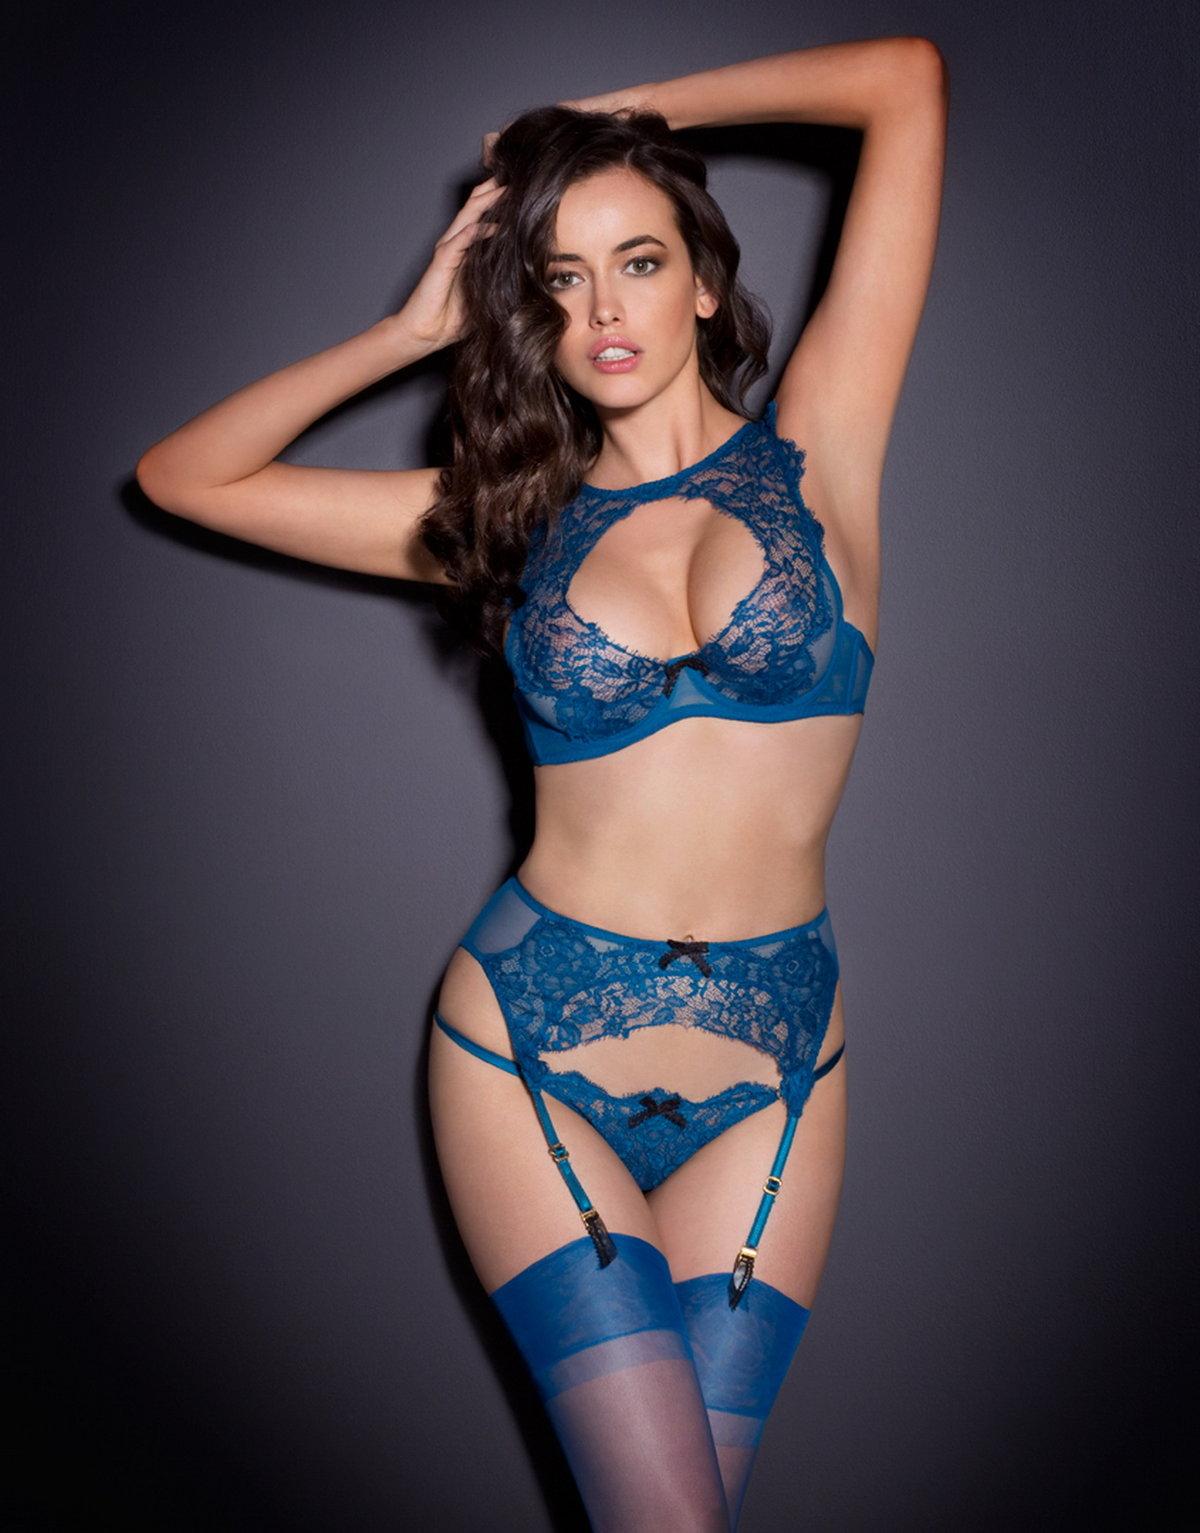 Сексе картинки девушек в синем нижнем белье